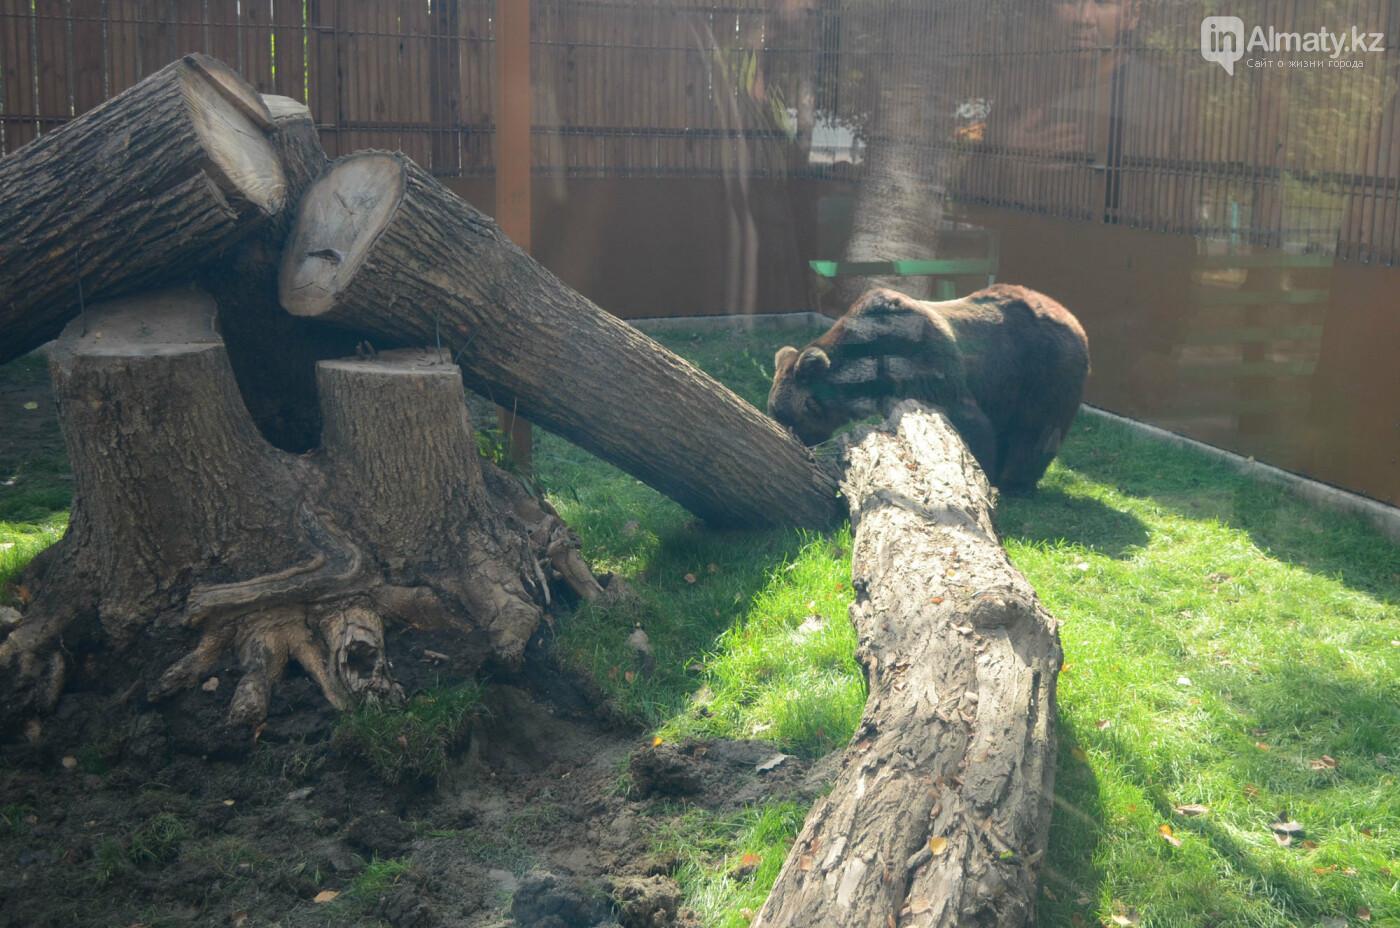 Медведь Акжолтай обрел новый дом в алматинском зоопарке (фото), фото-1